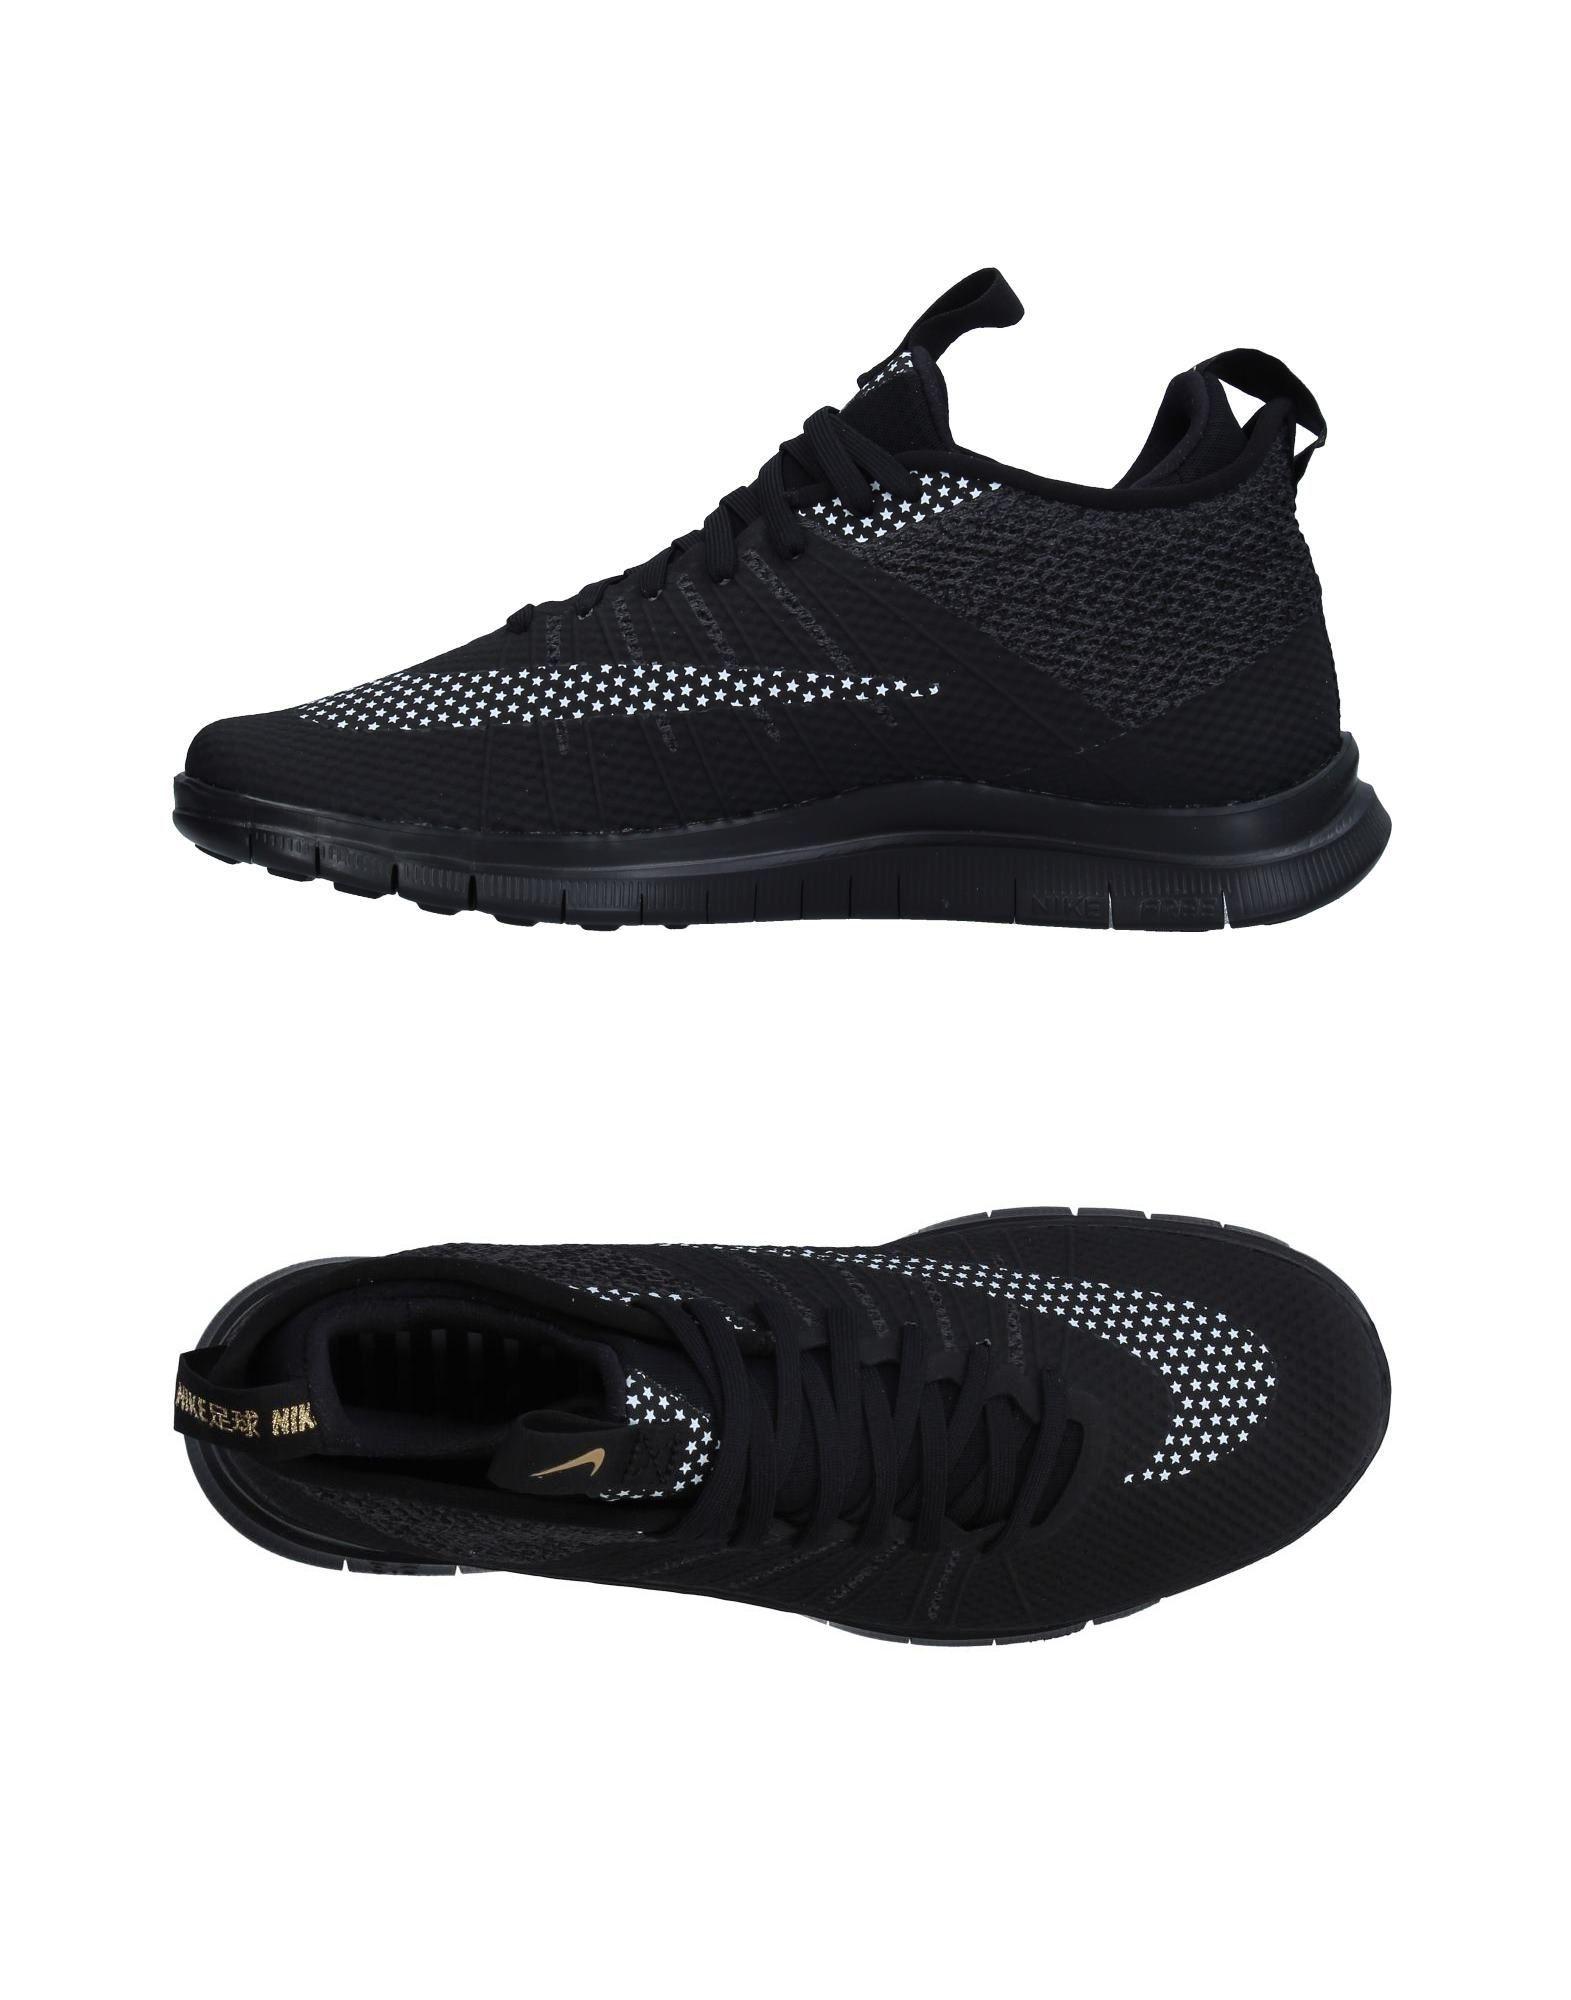 Nike Nike Nike Sneakers Herren Gutes Preis-Leistungs-Verhältnis, es lohnt sich d0f4c6